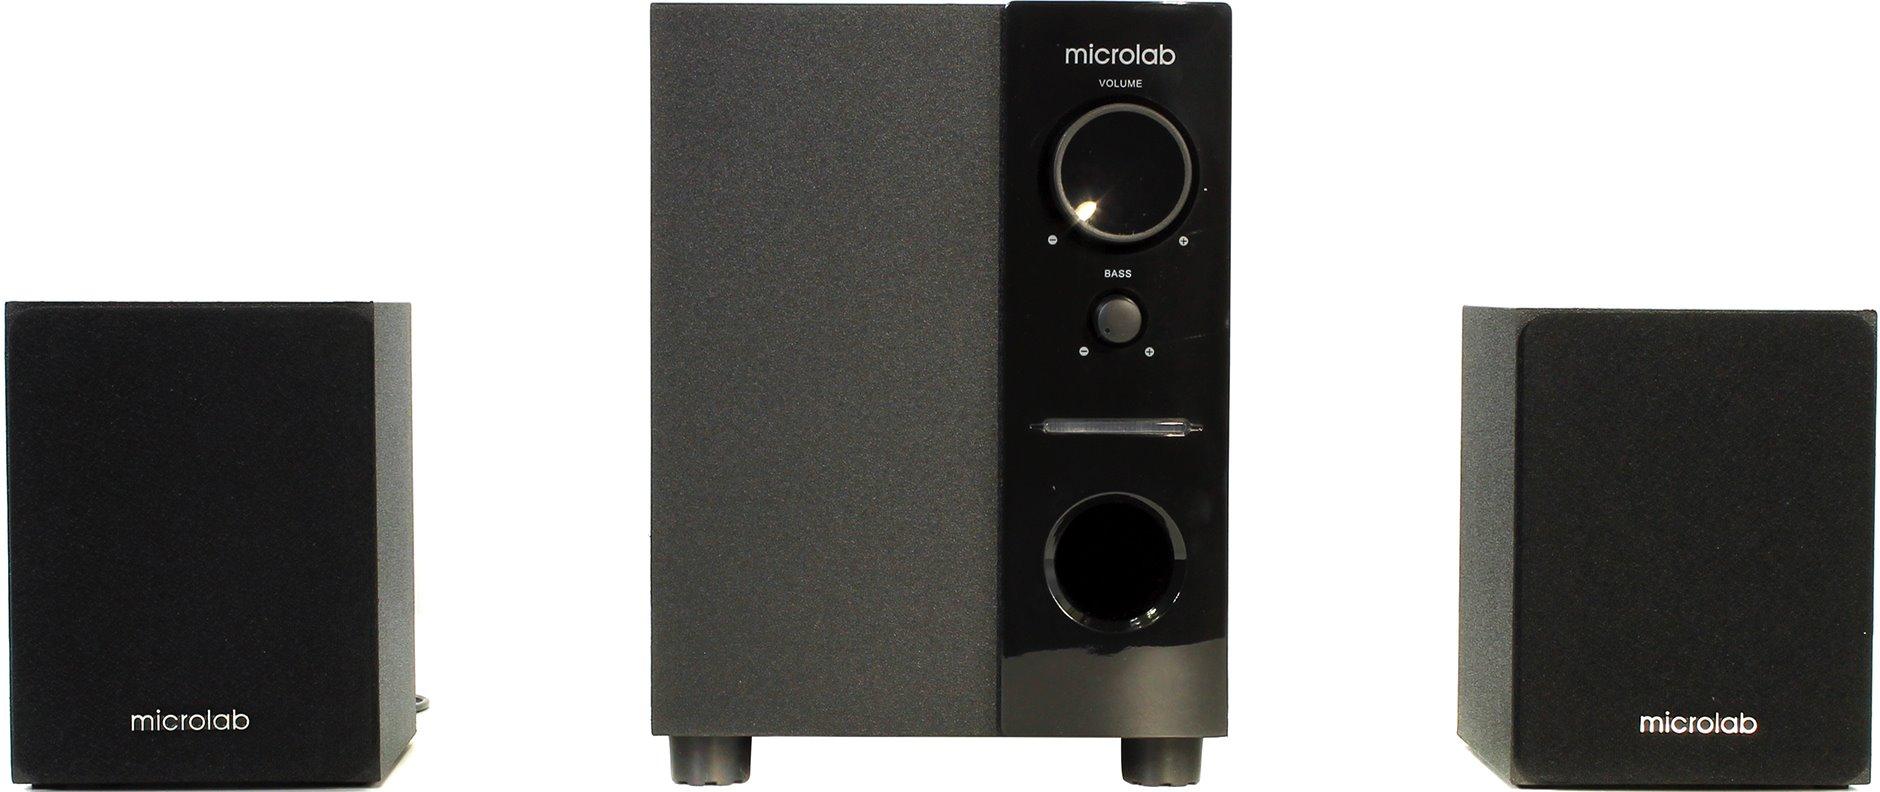 Компьютерная акустика Microlab M-109 2.1, черная M-109 black